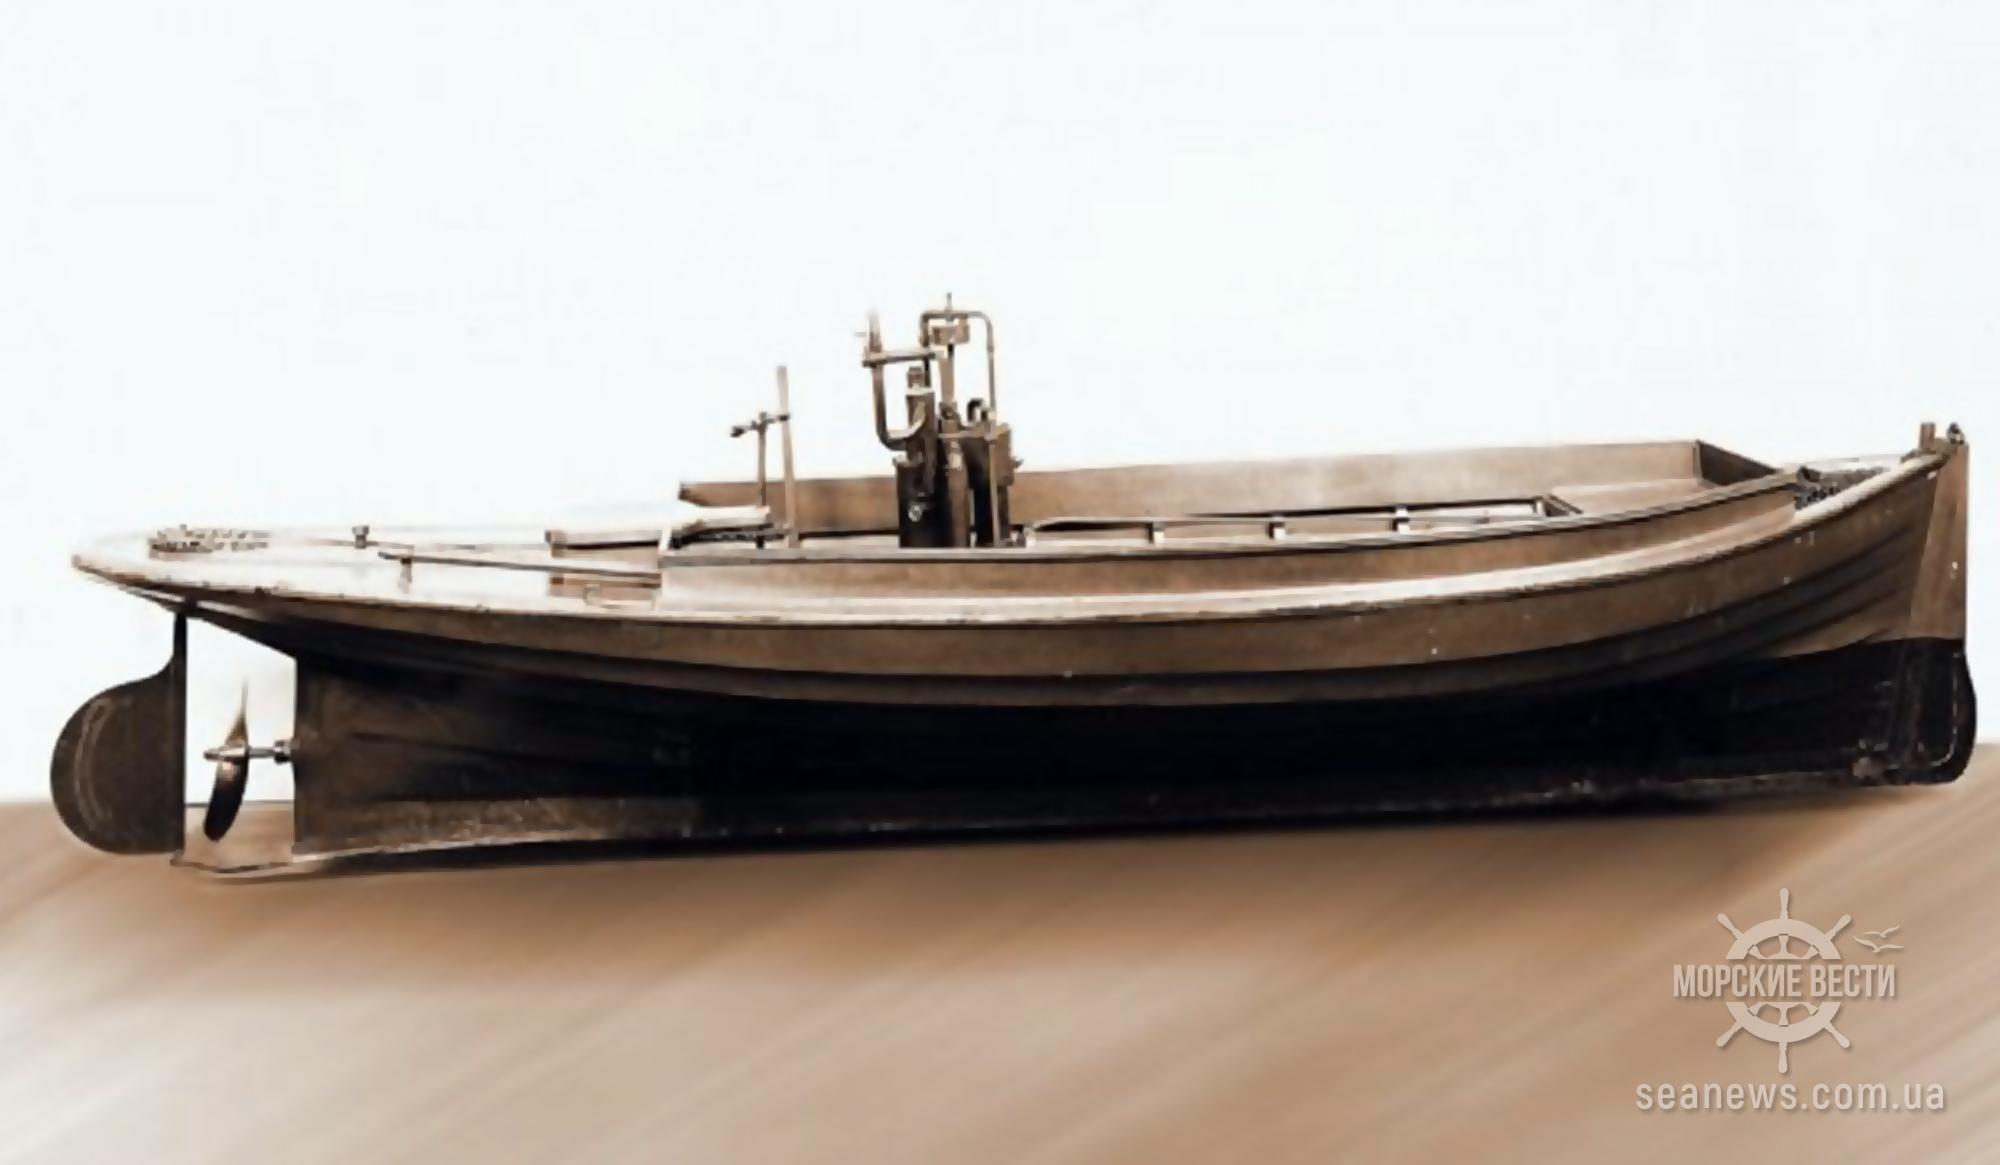 135 лет со дня спуска на воду первой в истории моторной яхты